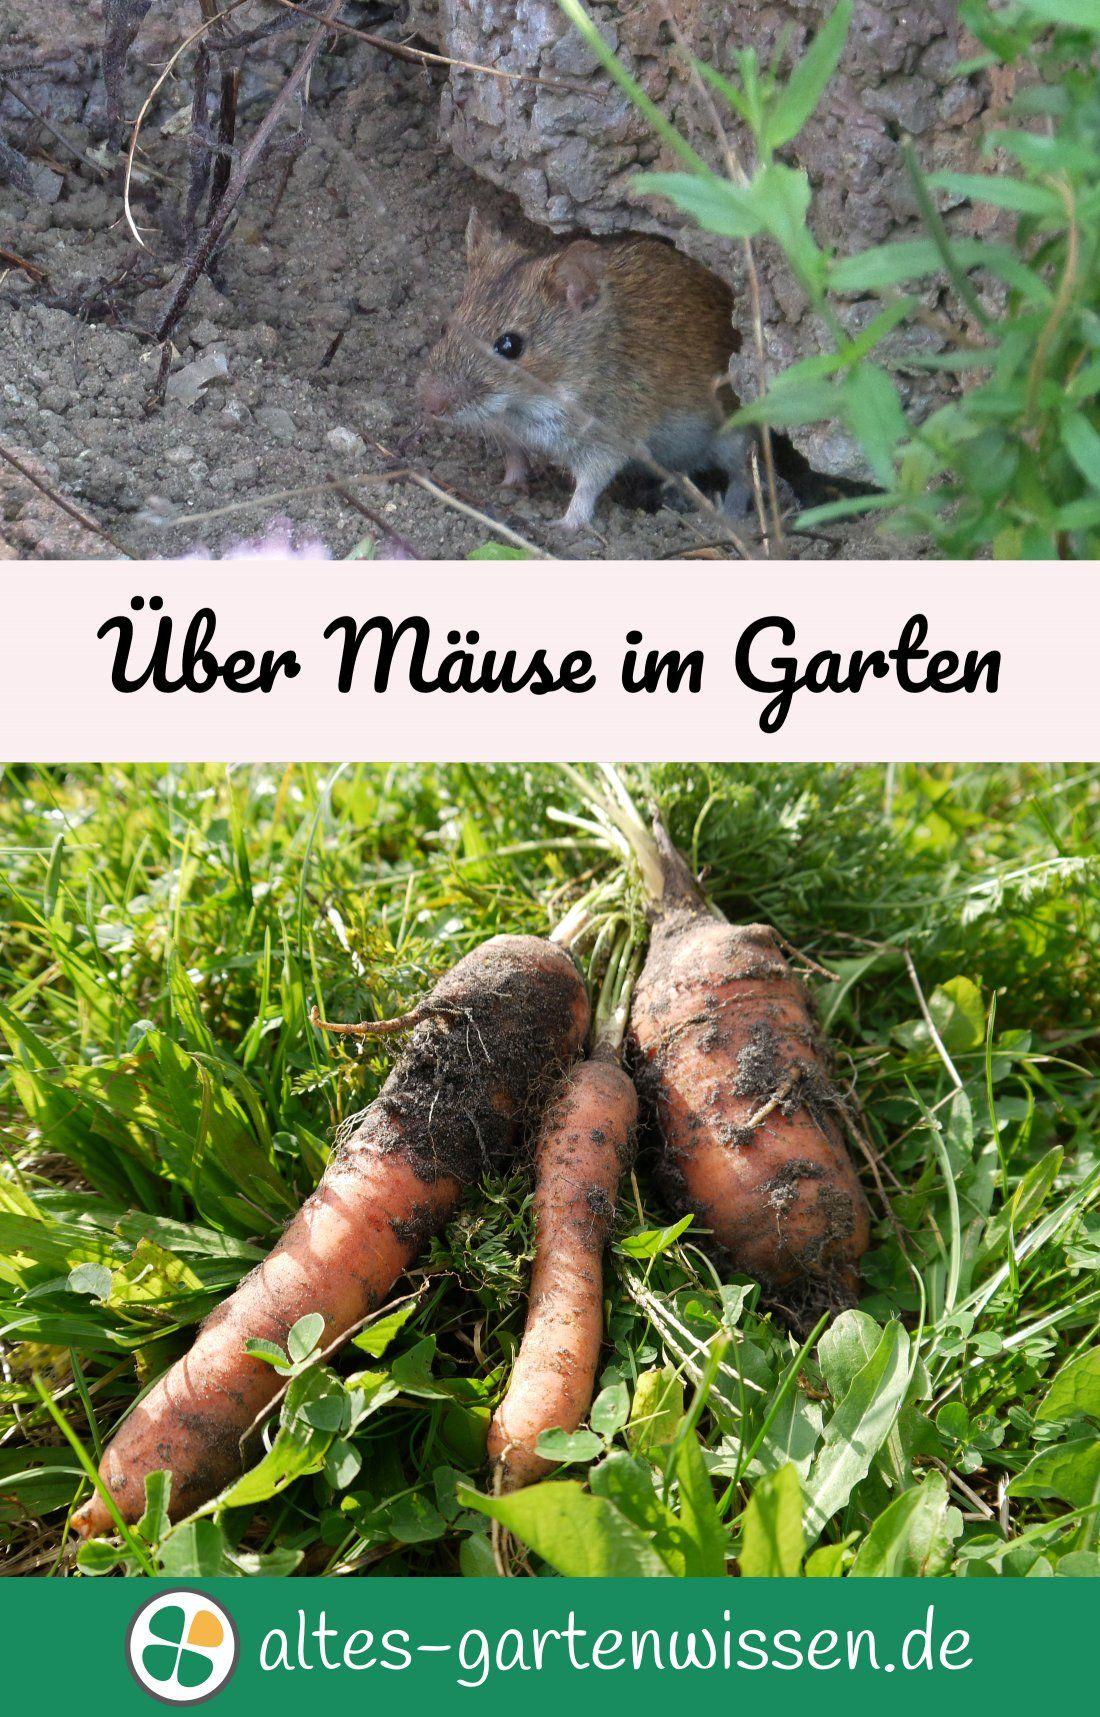 Maus Ist Nicht Gleich Maus. Es Gibt Viele Arten, Die Sich Im Garten  Ansiedeln